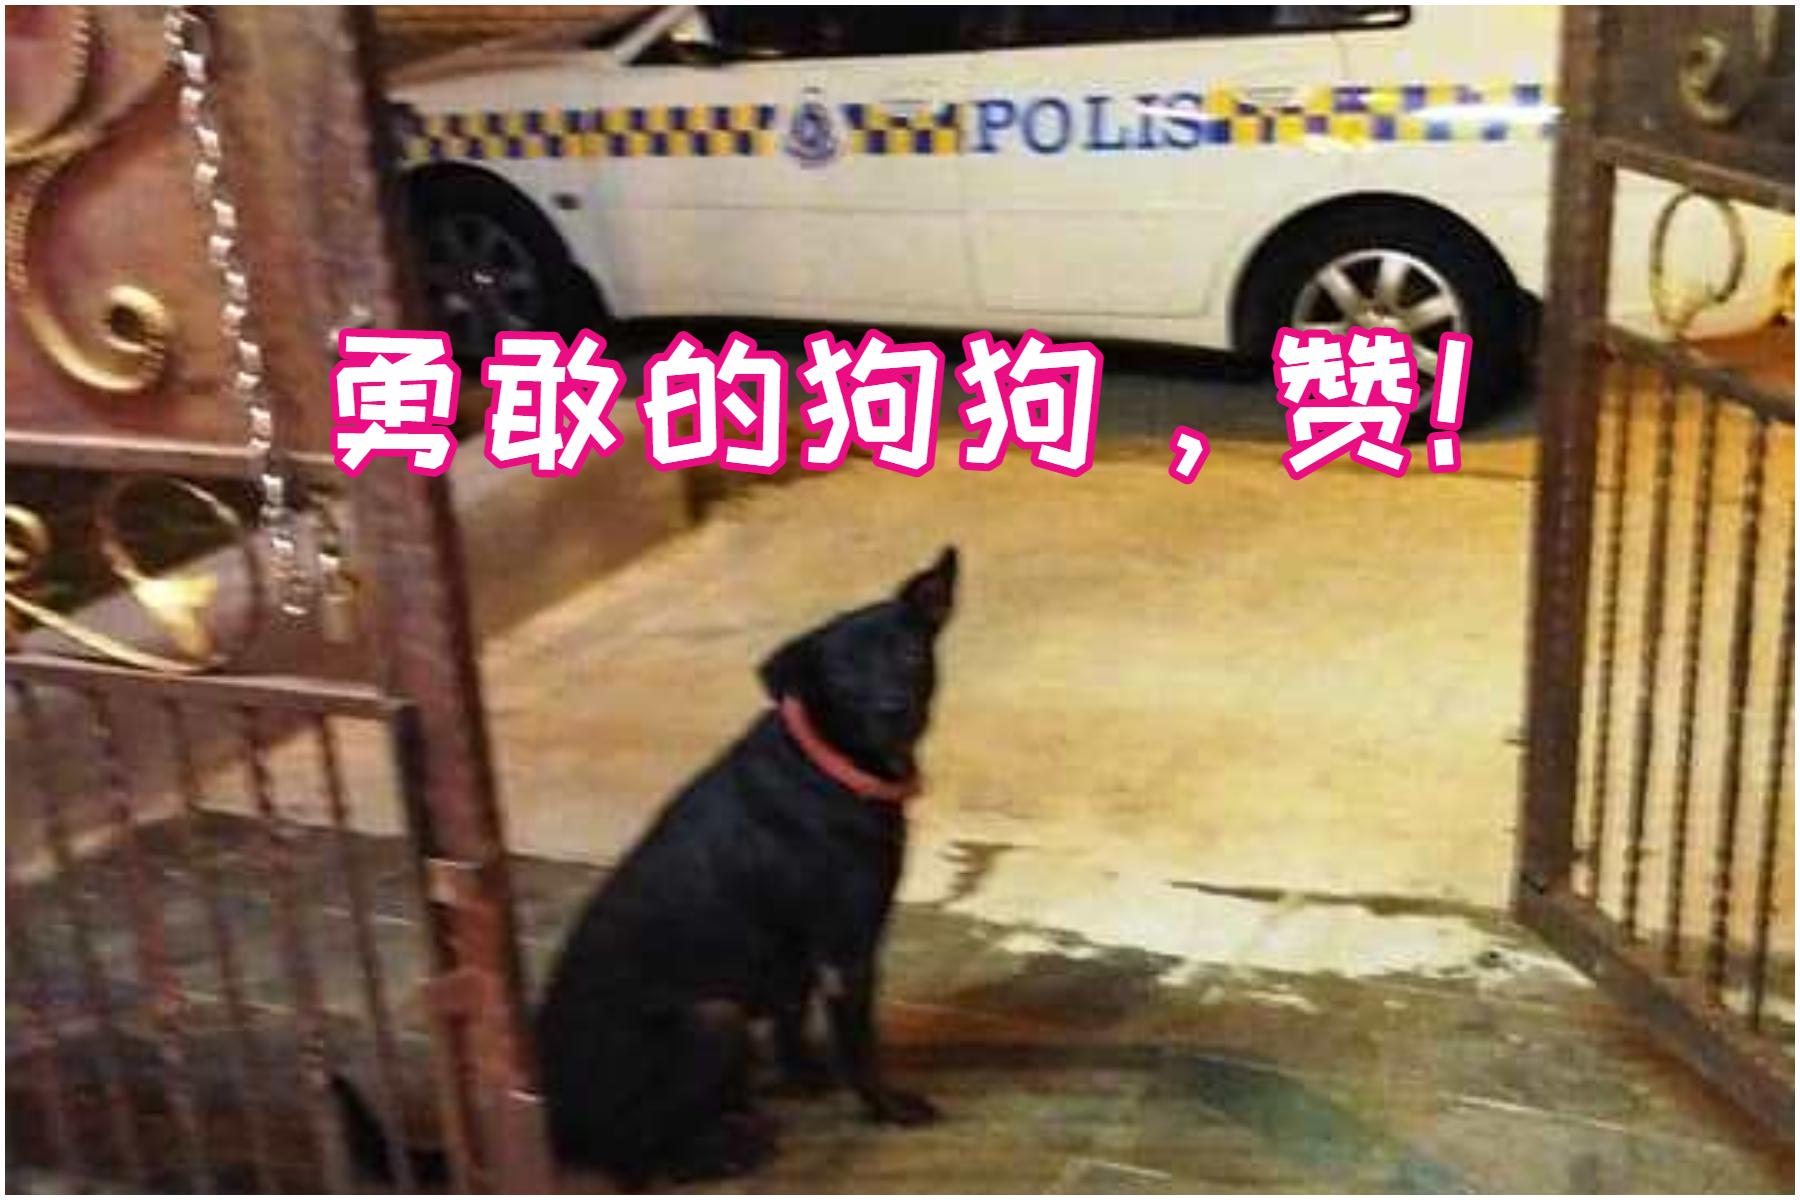 """这只被原主人遗弃后,被现在脸书用户O Tak Tan收养的狗狗,因看到邻居进贼狂吠帮忙吓走歹徒,成为""""英雄""""。-摘自O Tak Tan脸书/精彩大马制图-"""